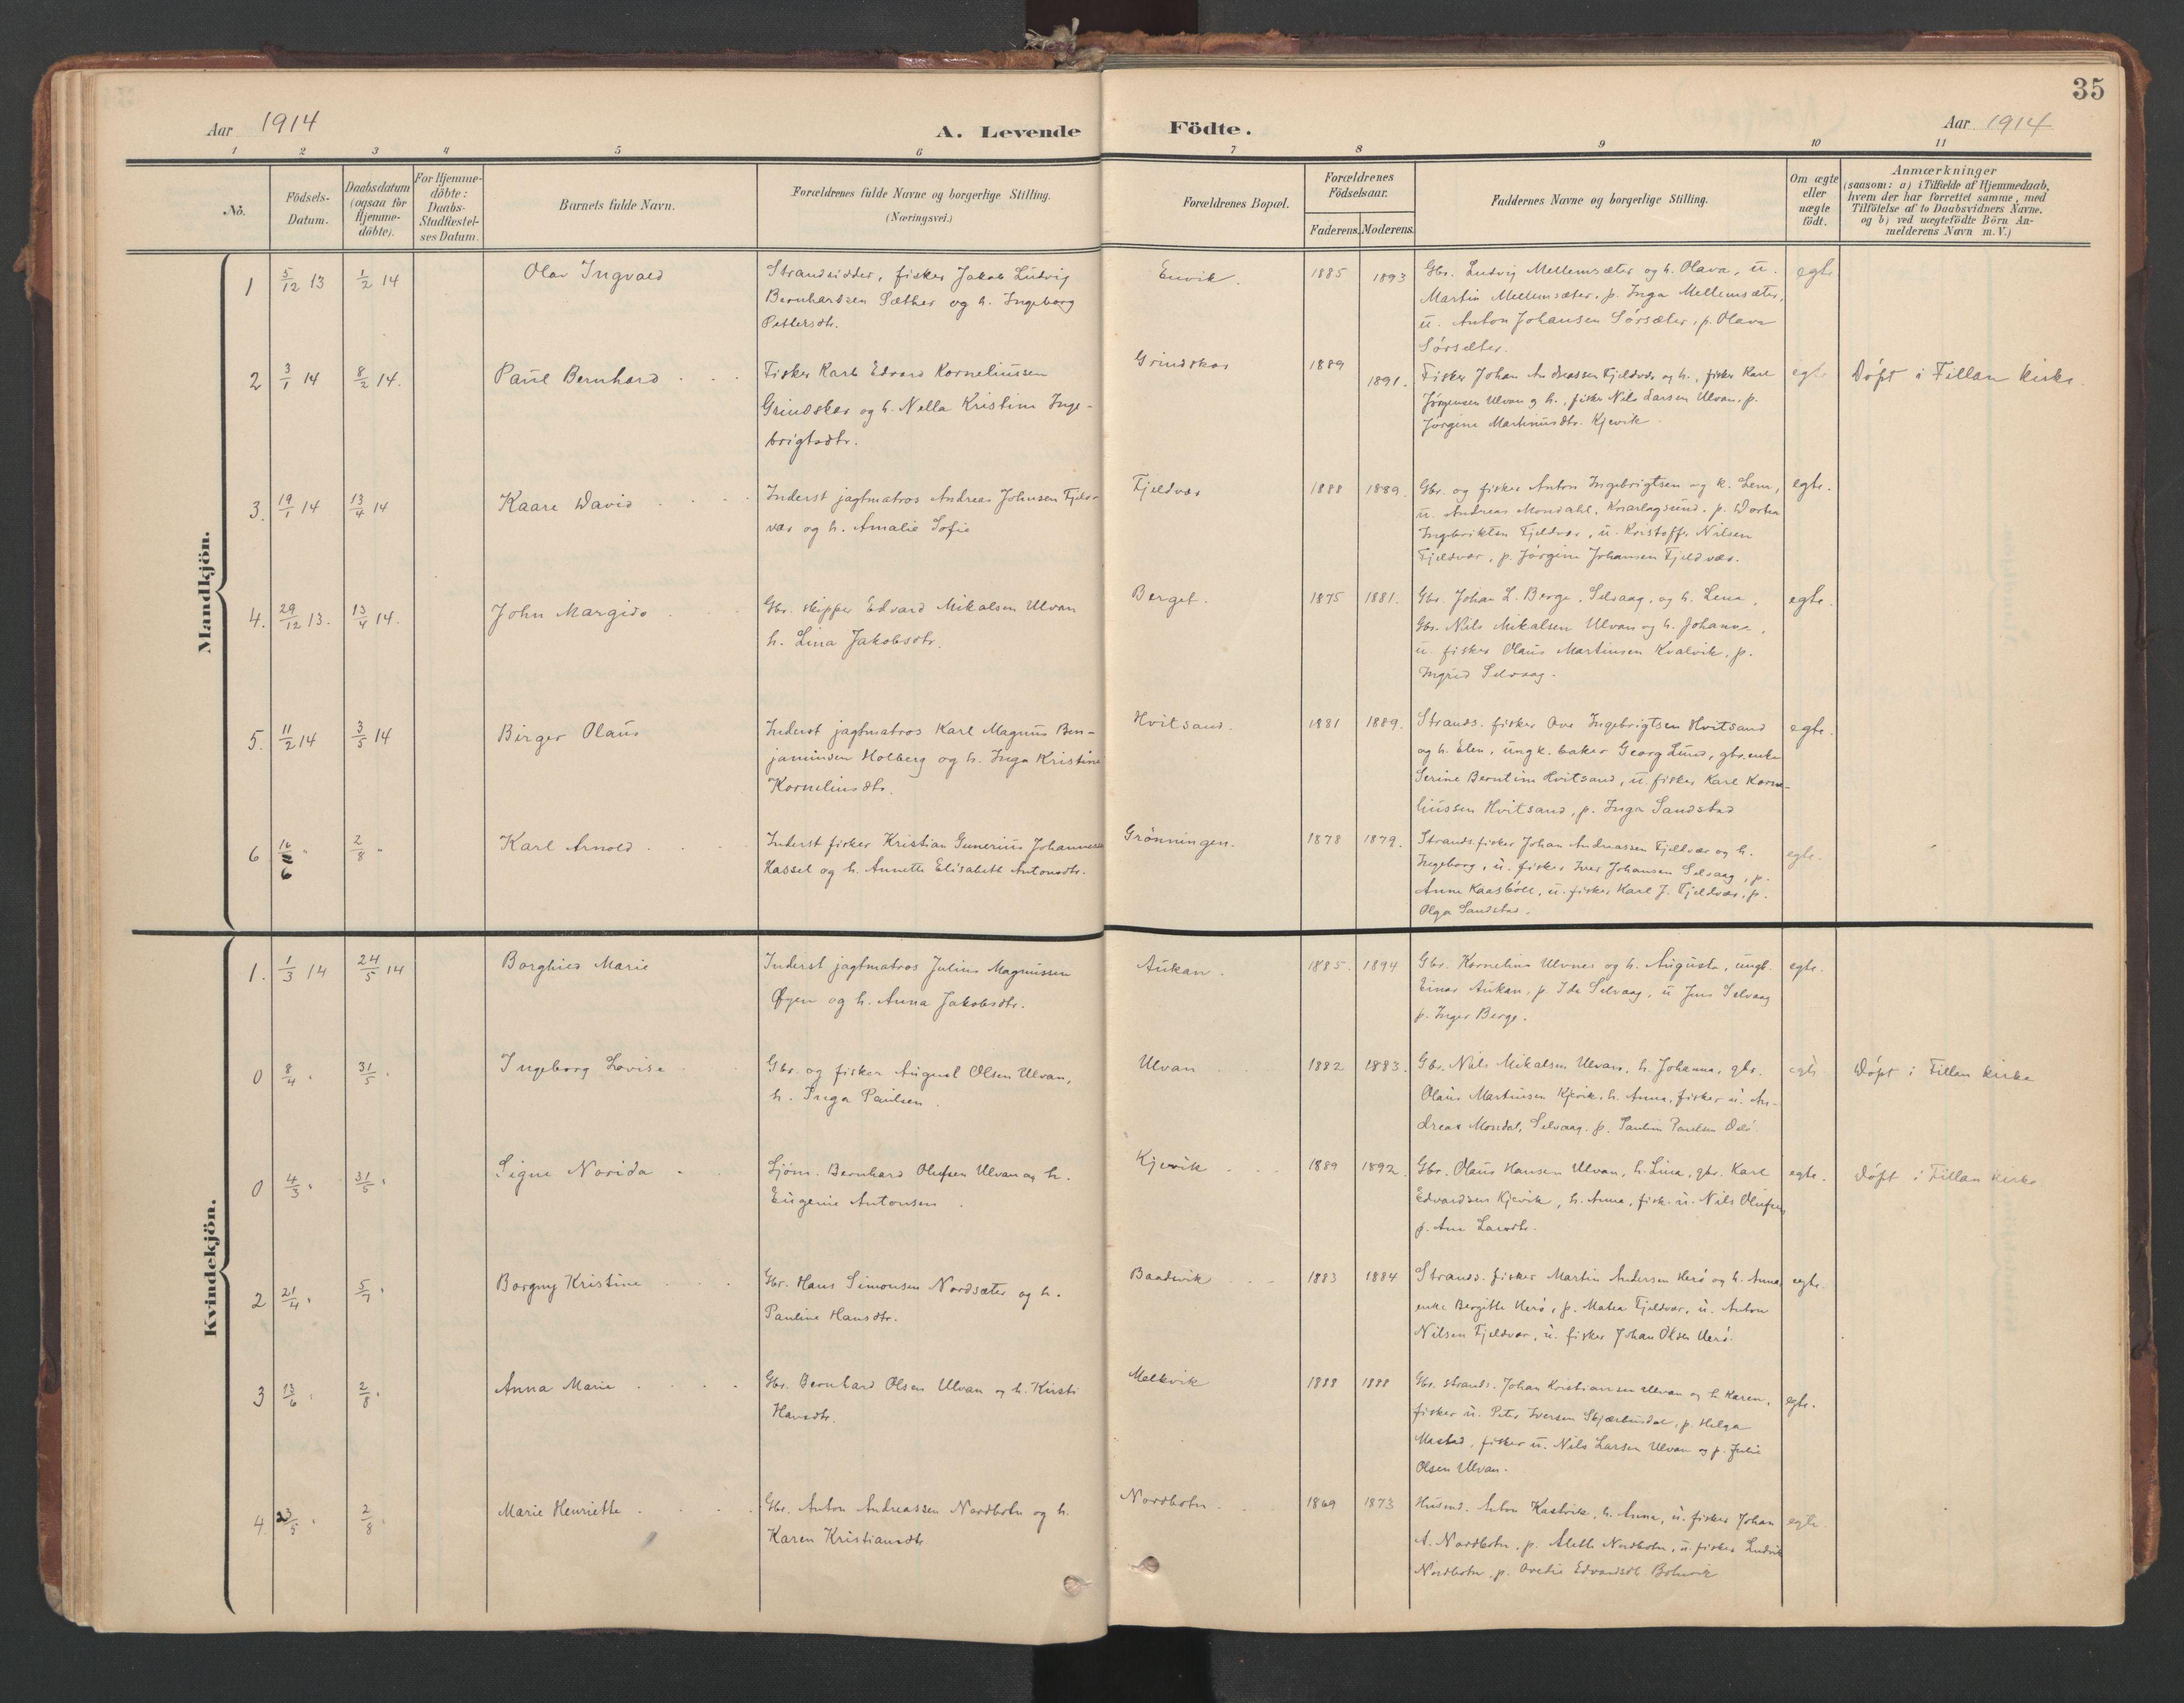 SAT, Ministerialprotokoller, klokkerbøker og fødselsregistre - Sør-Trøndelag, 638/L0568: Ministerialbok nr. 638A01, 1901-1916, s. 35